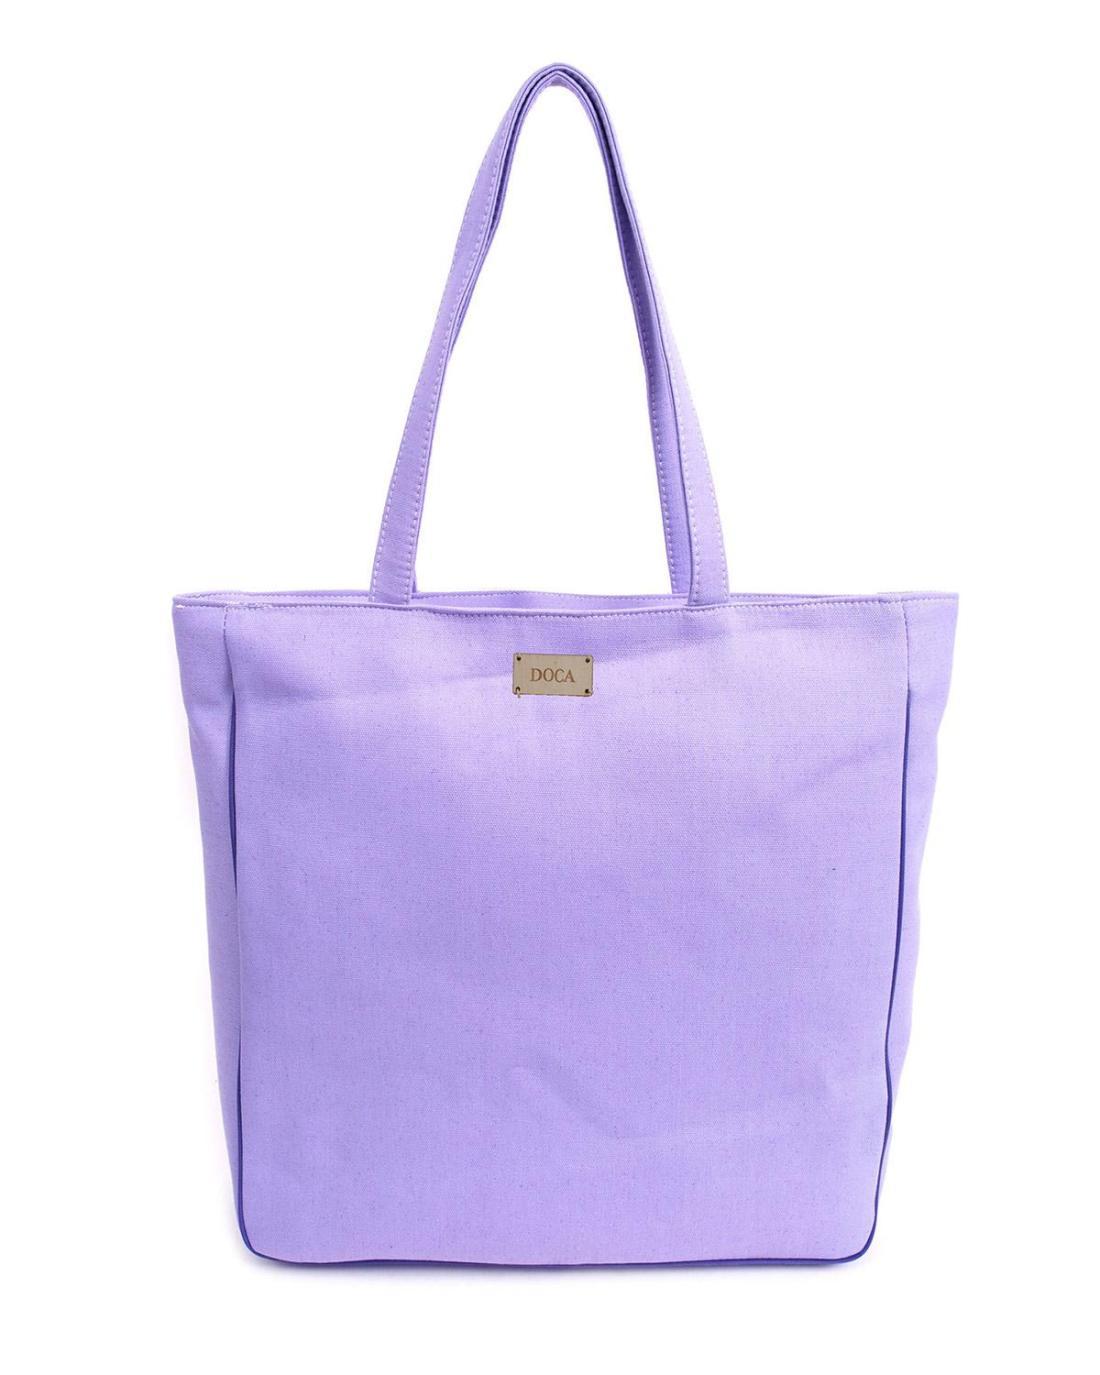 Handtasche lila